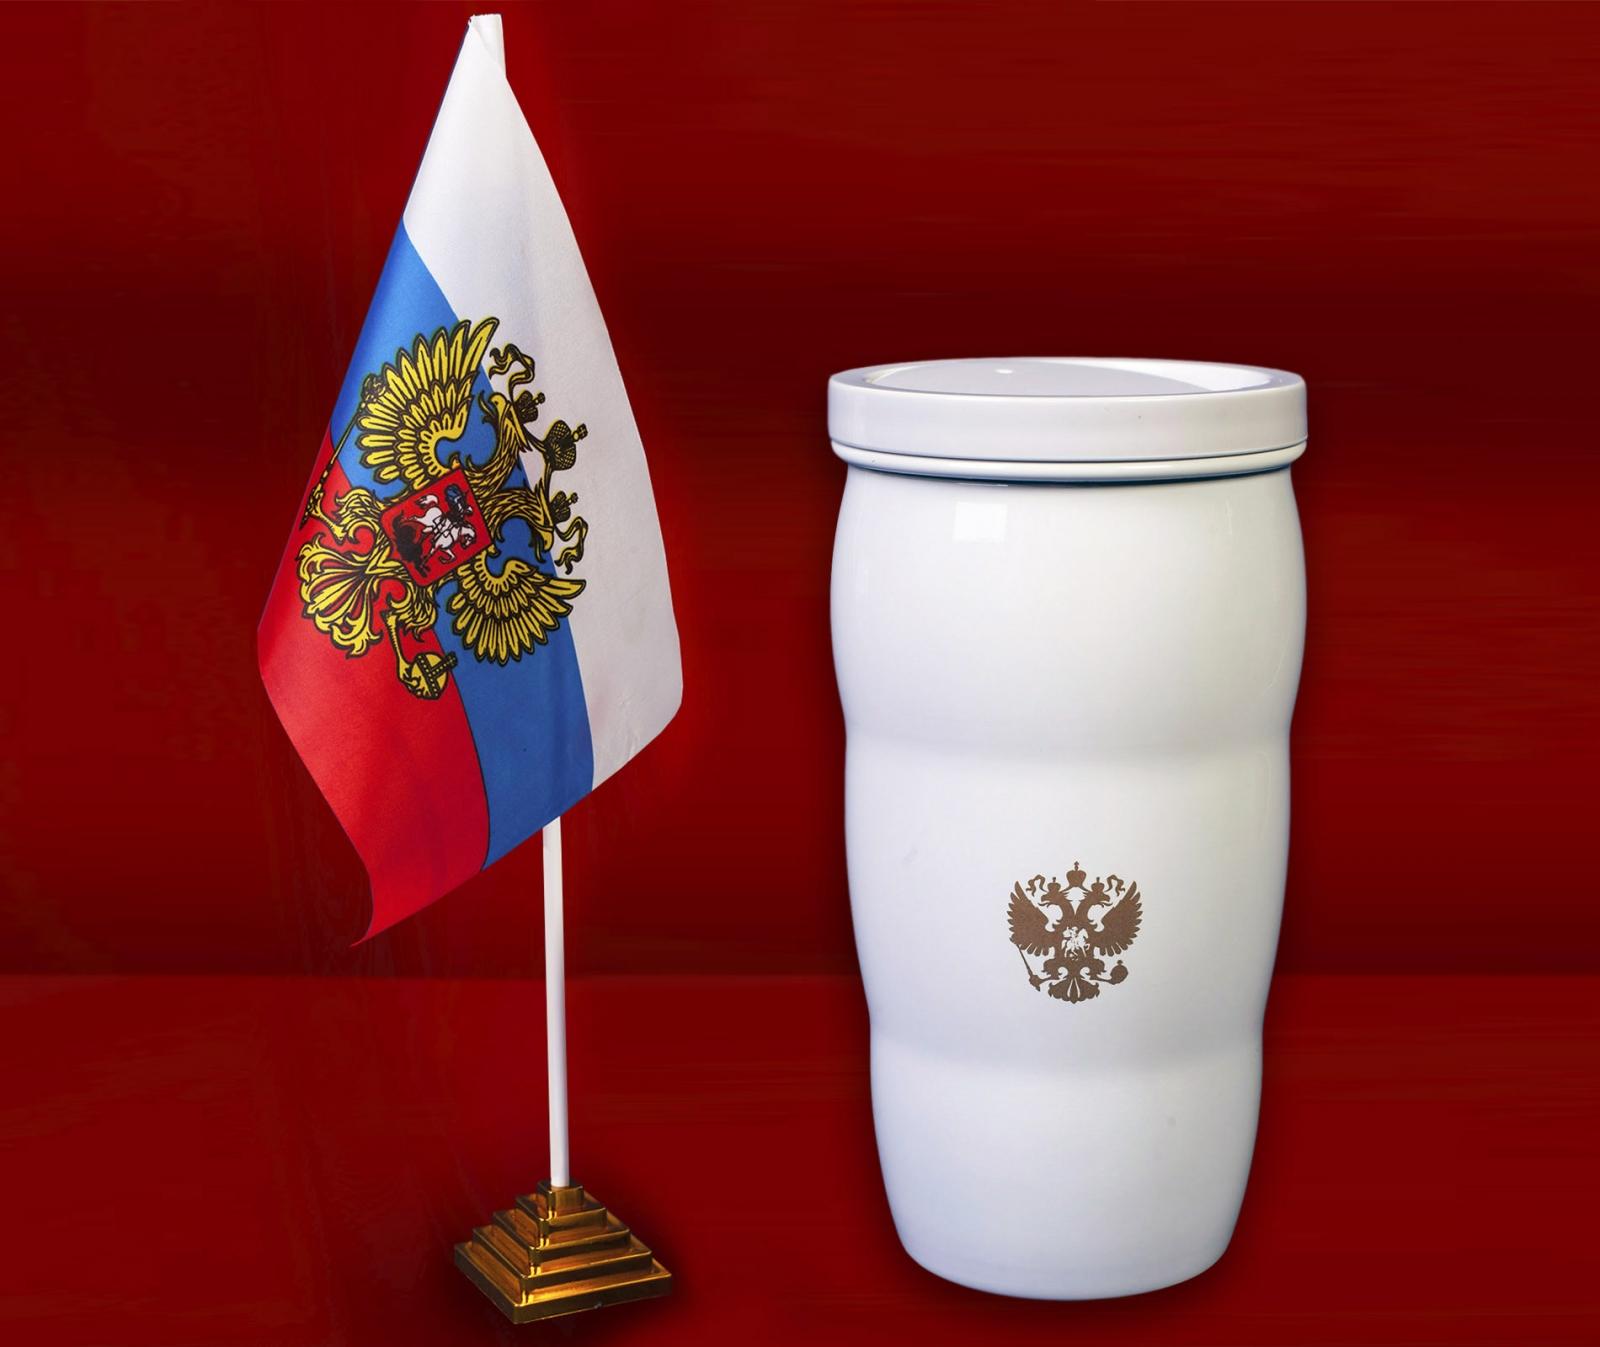 Термокружка как у Путина с гербом РФ